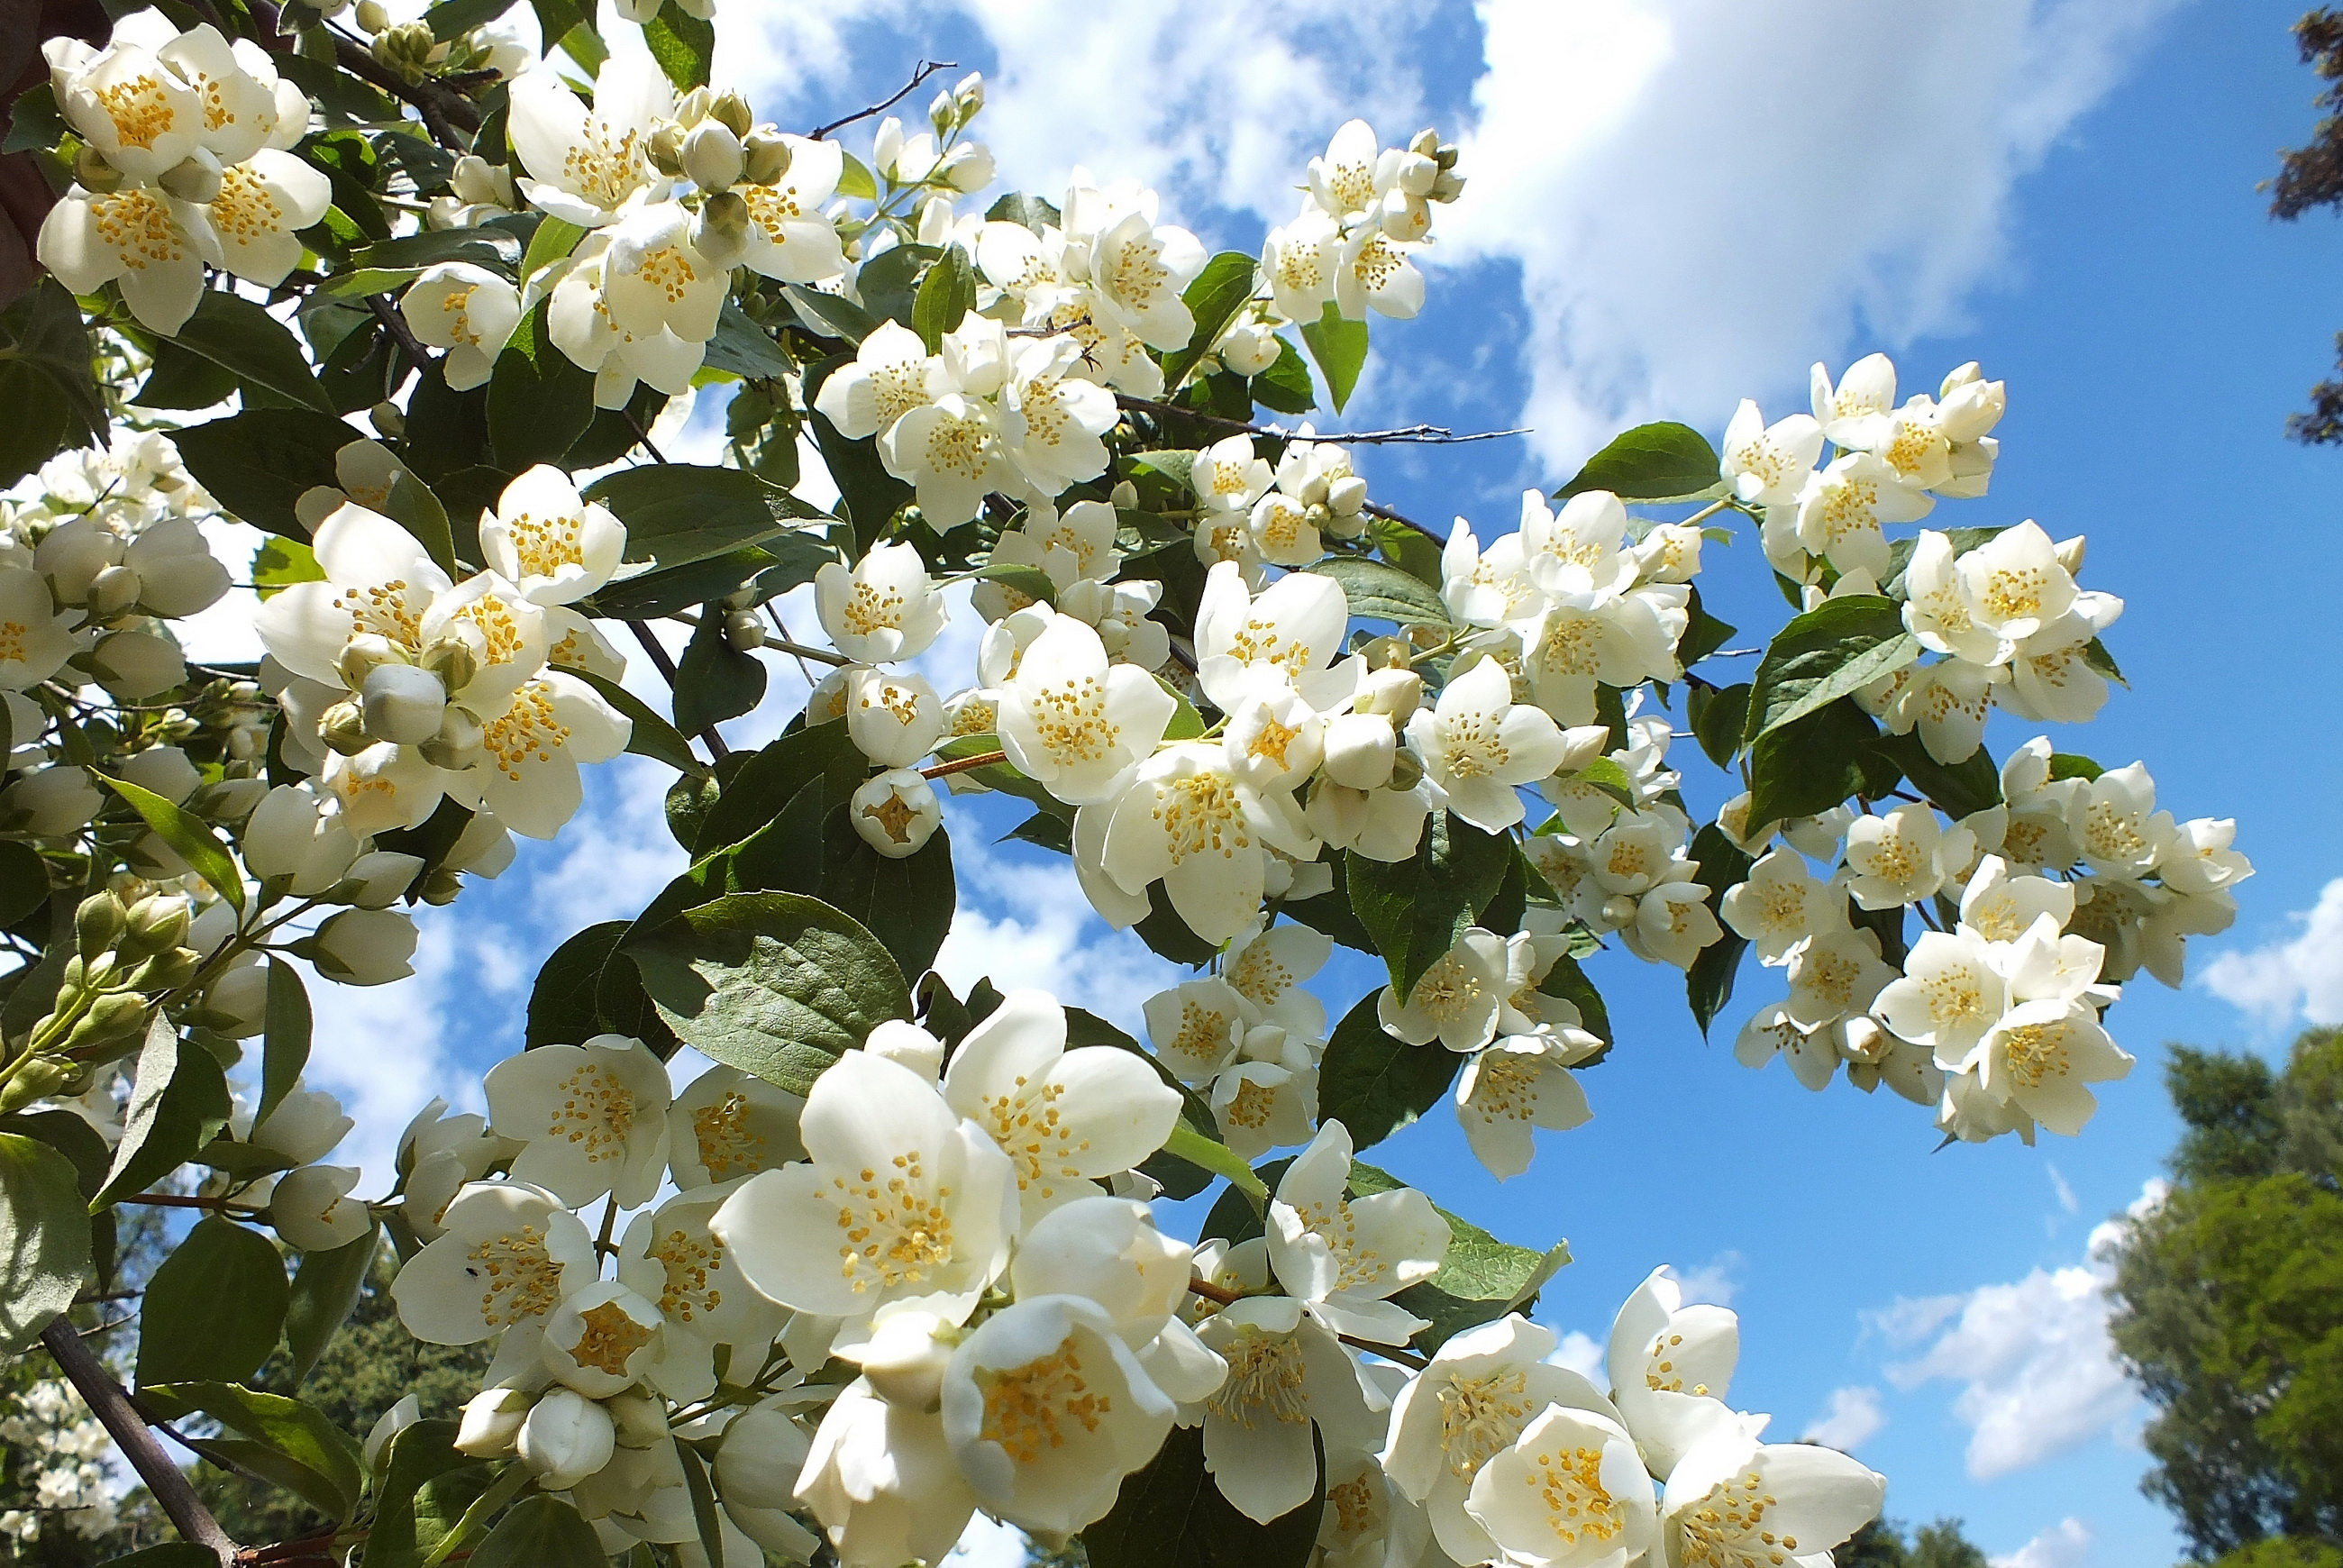 обои цветущие деревья для рабочего стола № 431654 бесплатно